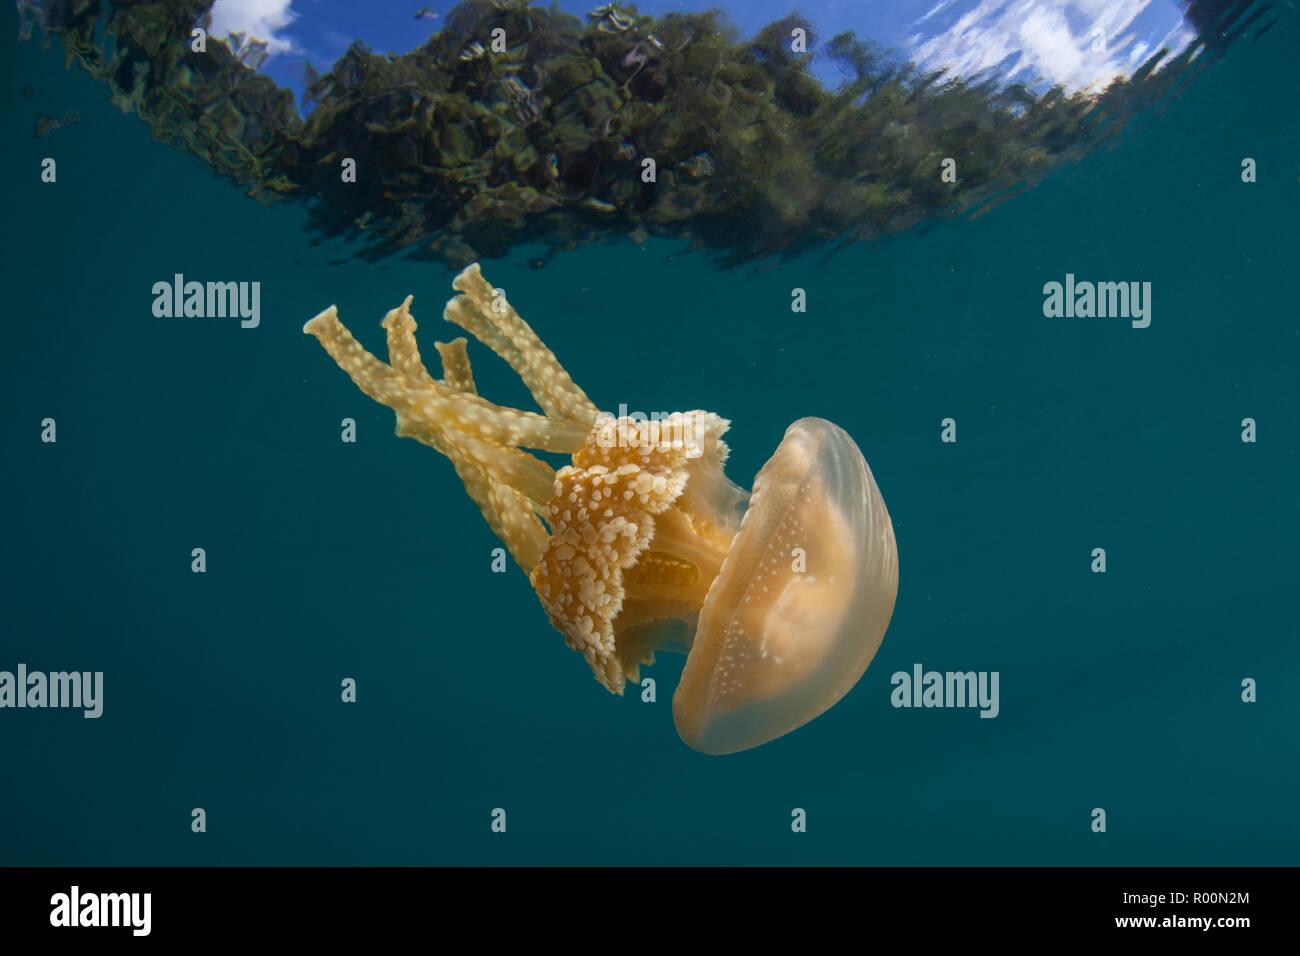 Eine goldene Qualle, mastigias Papua, driftet im flachen Wasser in Raja Ampat, Indonesien. Diese Region ist bekannt für seine spektakulären marine Artenvielfalt bekannt. Stockbild